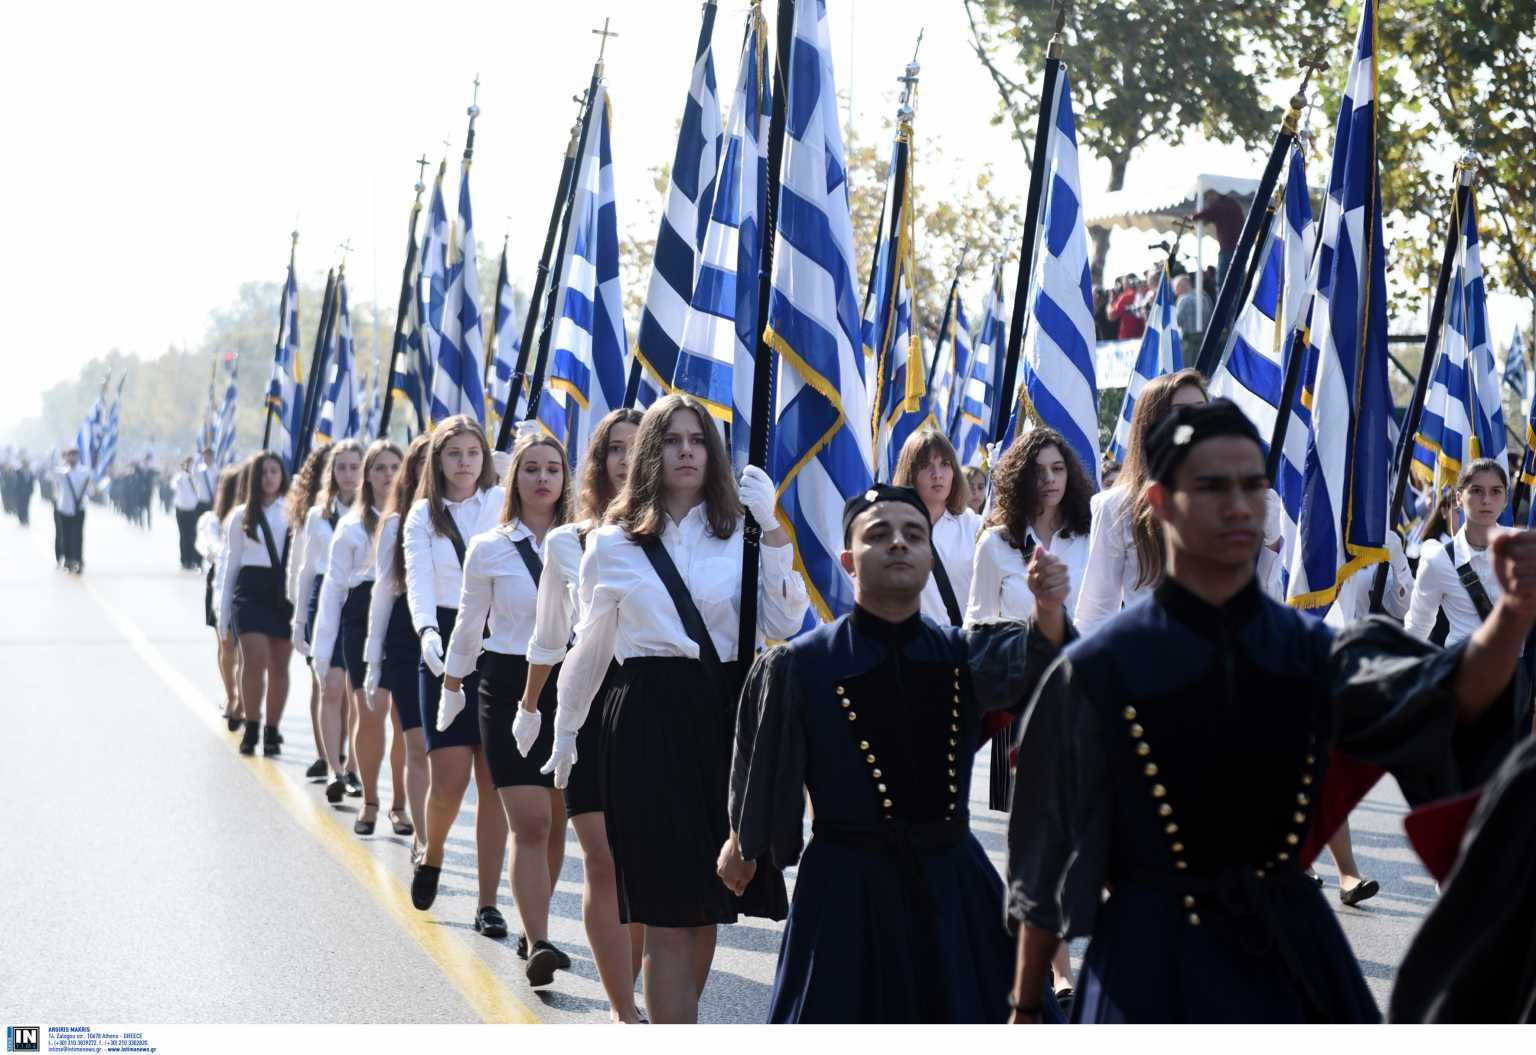 Ματαιώνονται οι παρελάσεις για την 28η Οκτωβρίου και στη Θεσσαλία